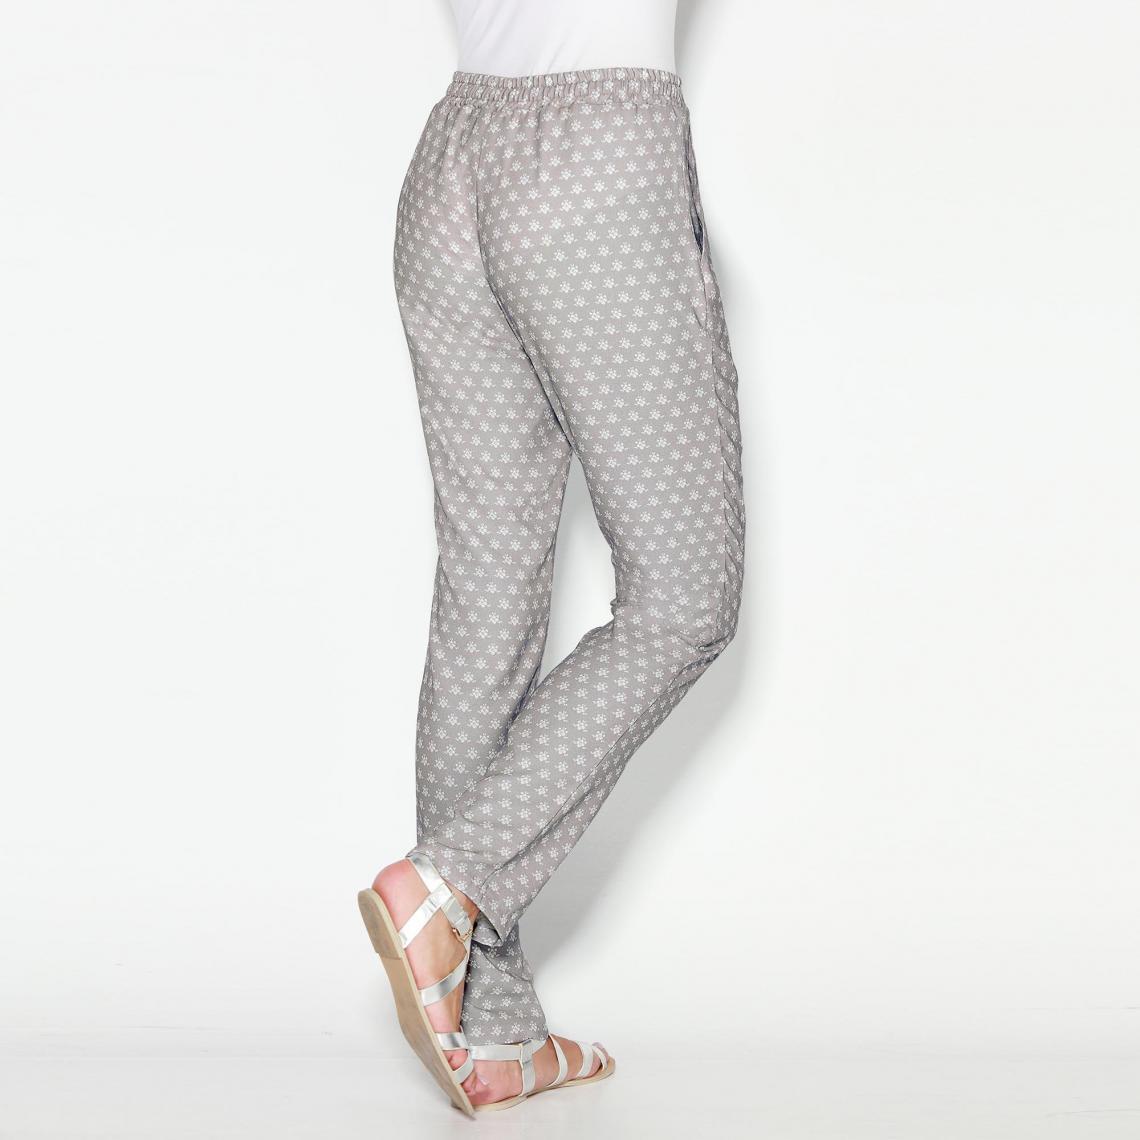 Pantalon imprimé taille élastique et cordon femme Exclusivité 3SUISSES - Imprimé  Gris Perle 3 SUISSES 2ced3c1c301